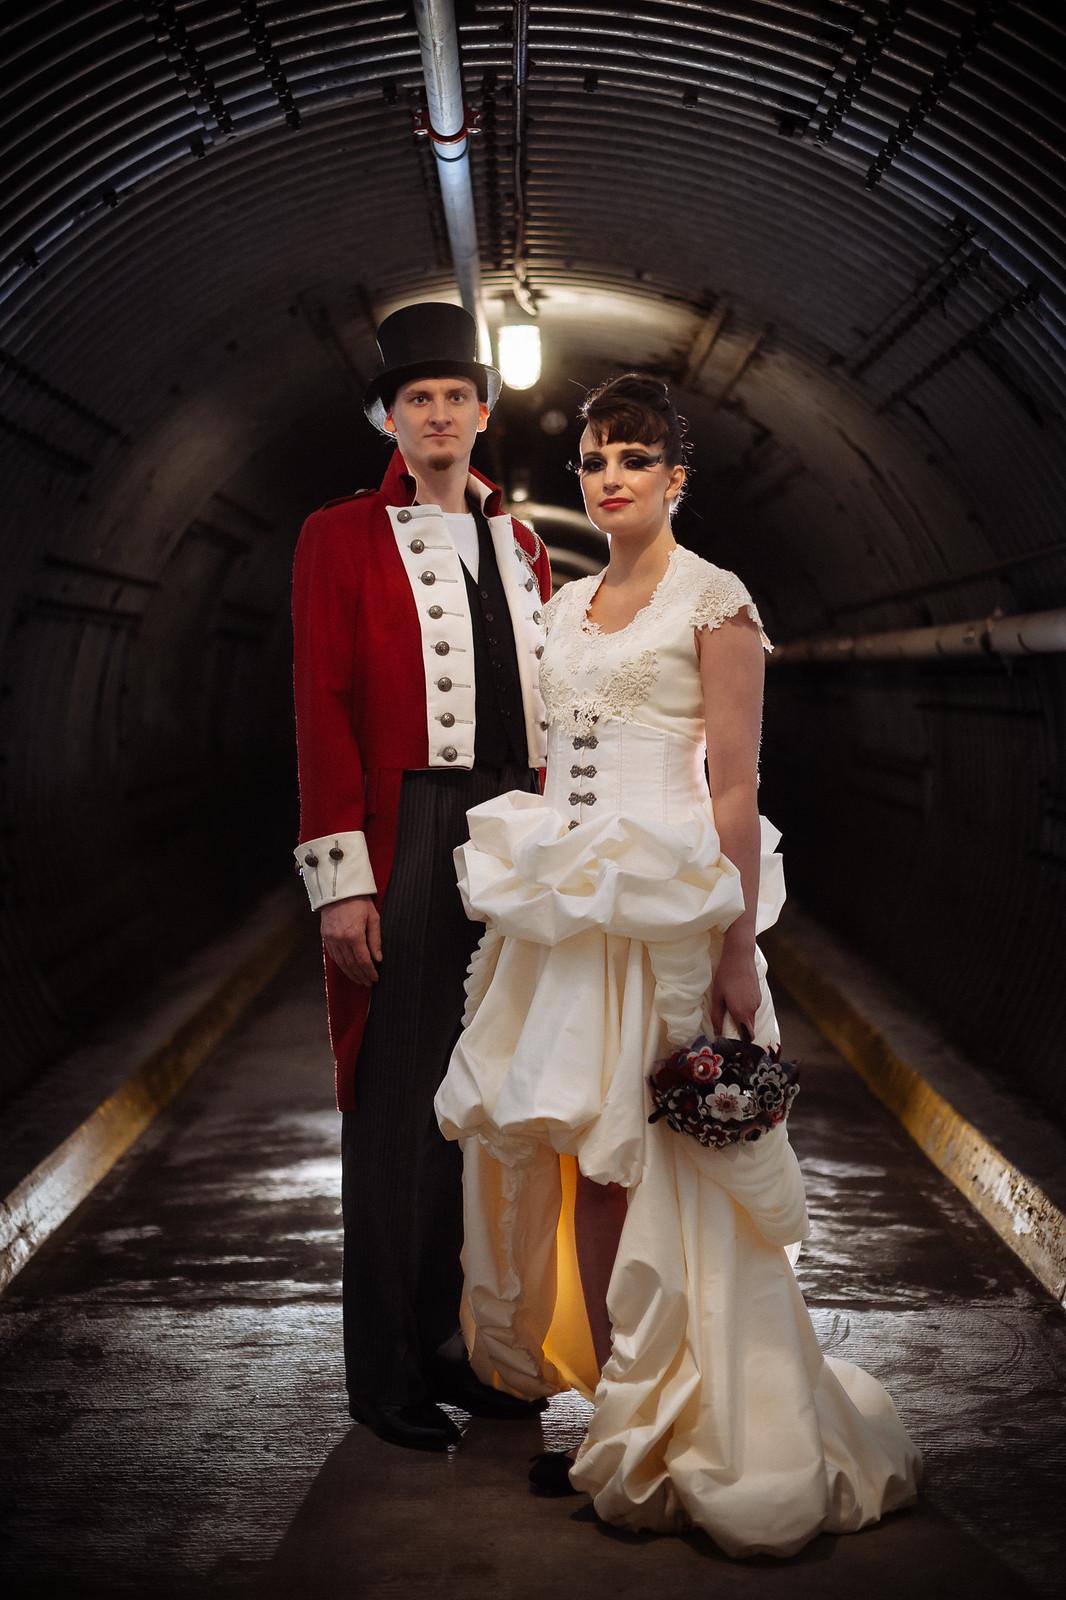 Diefenbunker Bomb Shelter Wedding